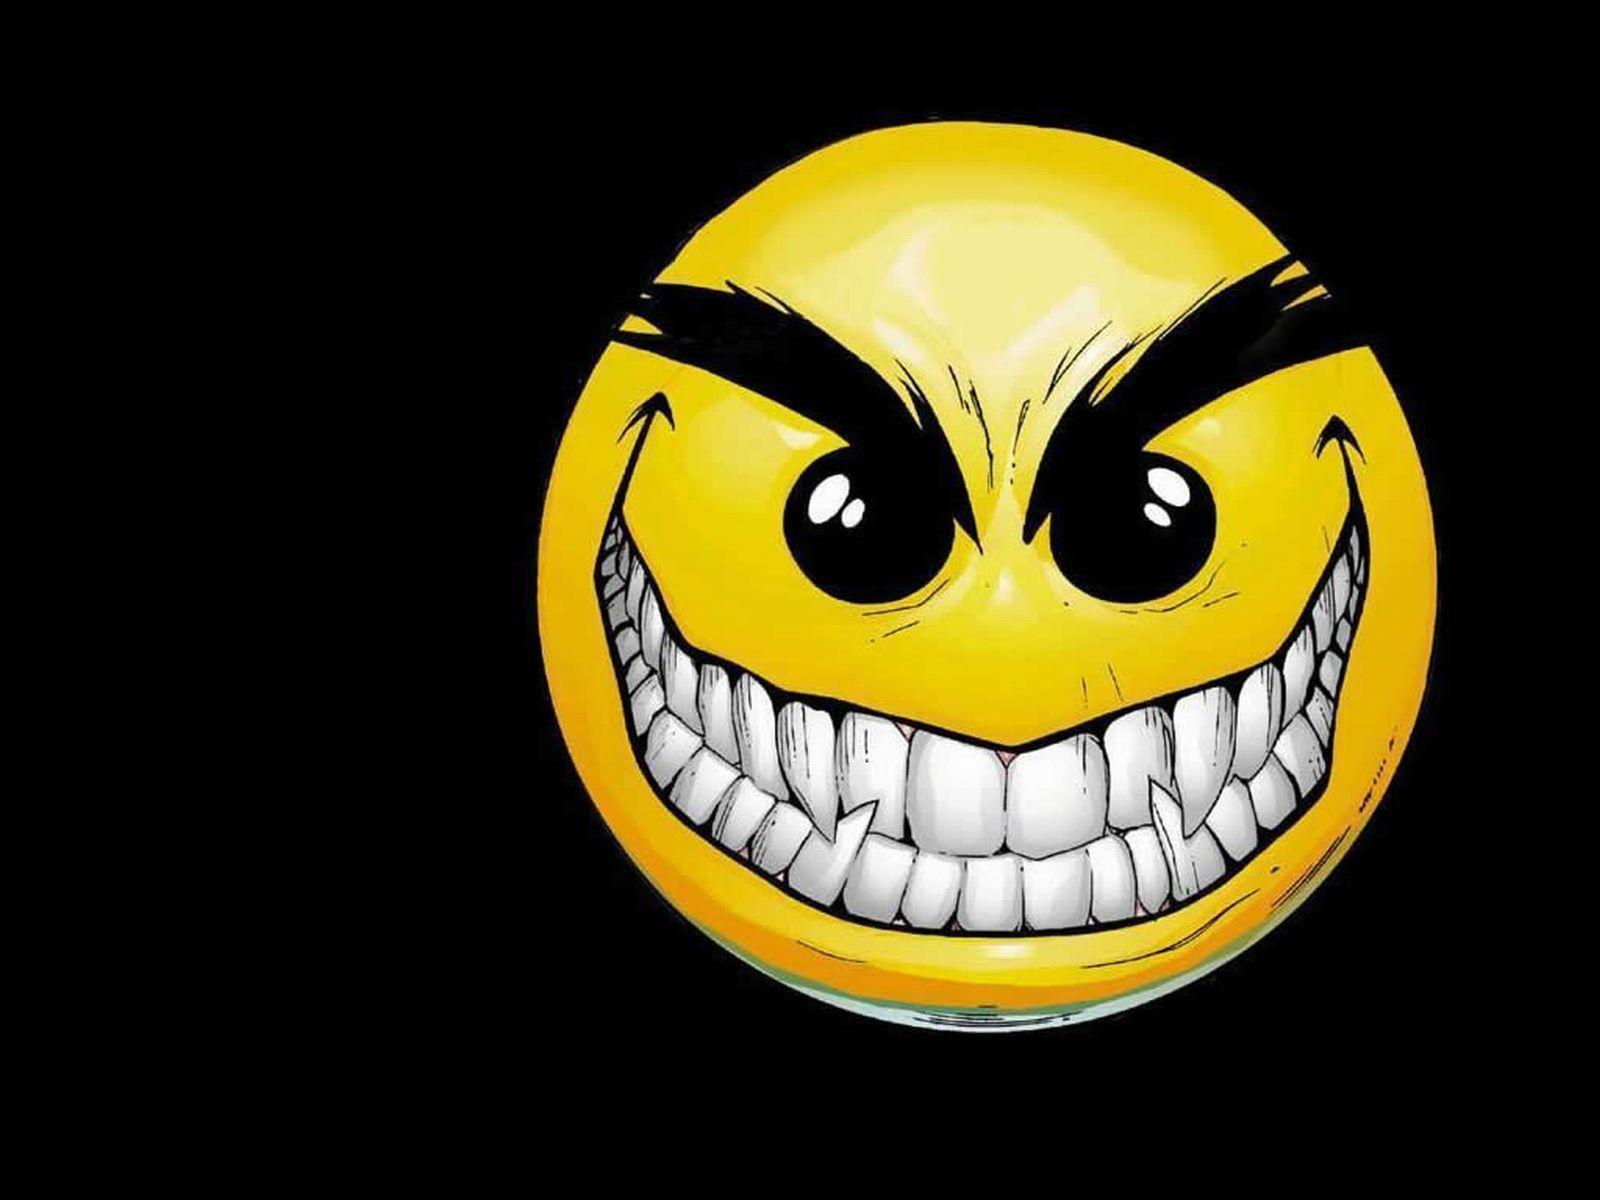 La guerre aux postes ! - Page 4 Smiley-face-wallpaper-008%252525255B1%252525255D